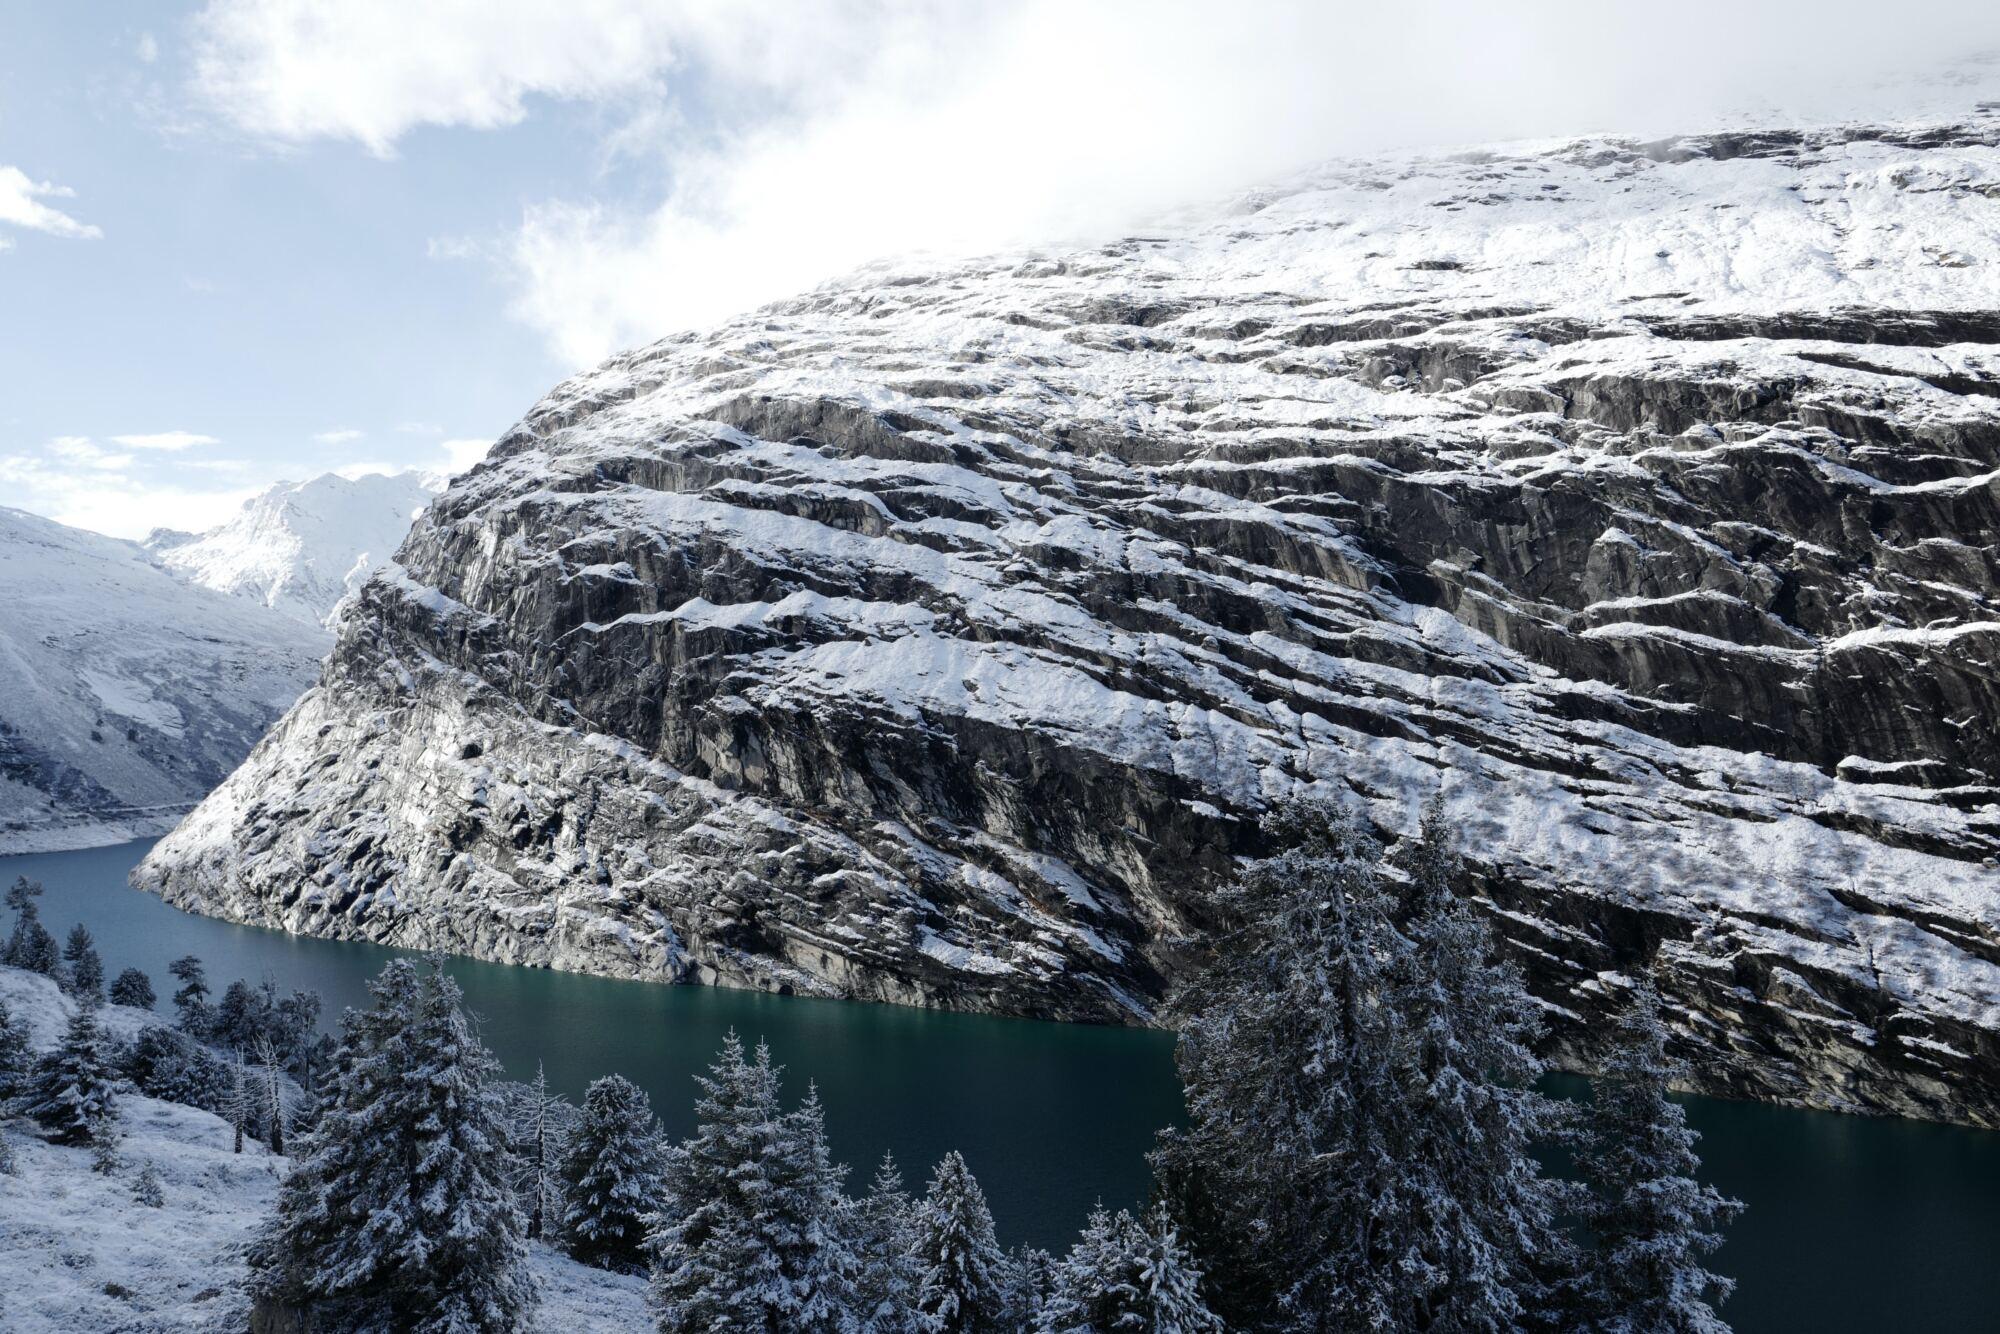 Das Bergdorf Vals in Graubünden